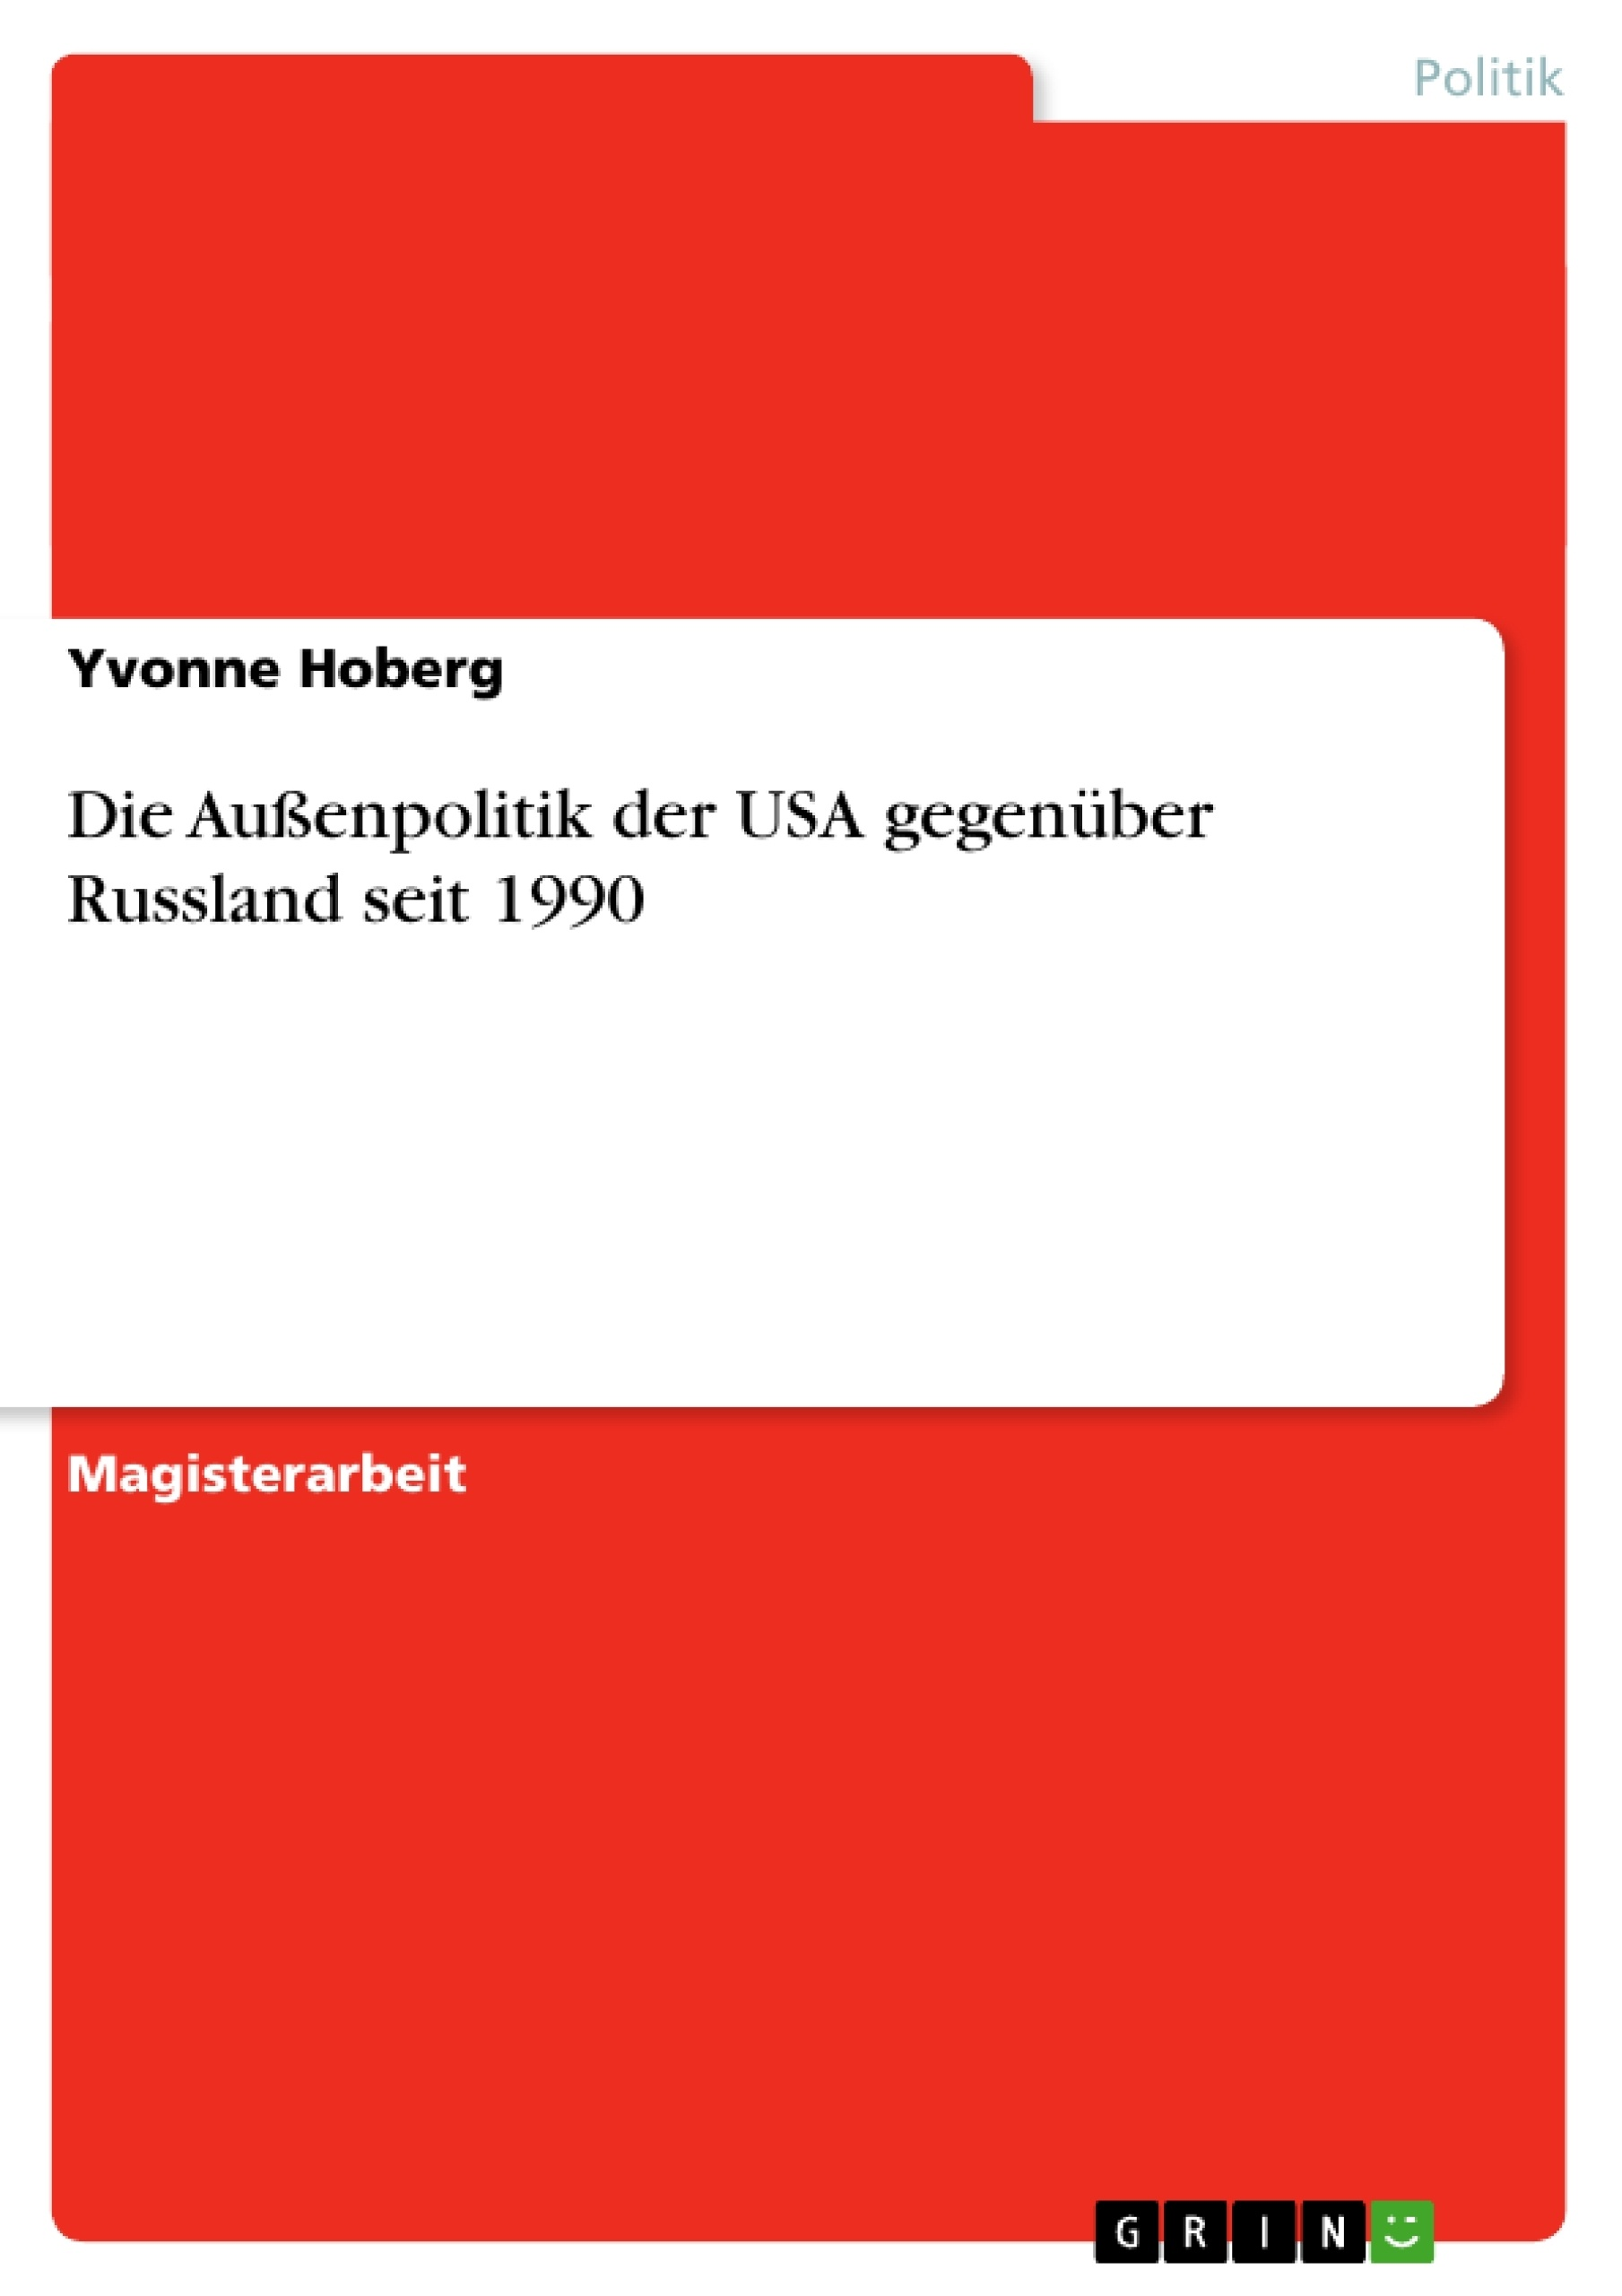 Titel: Die Außenpolitik der USA gegenüber Russland seit 1990